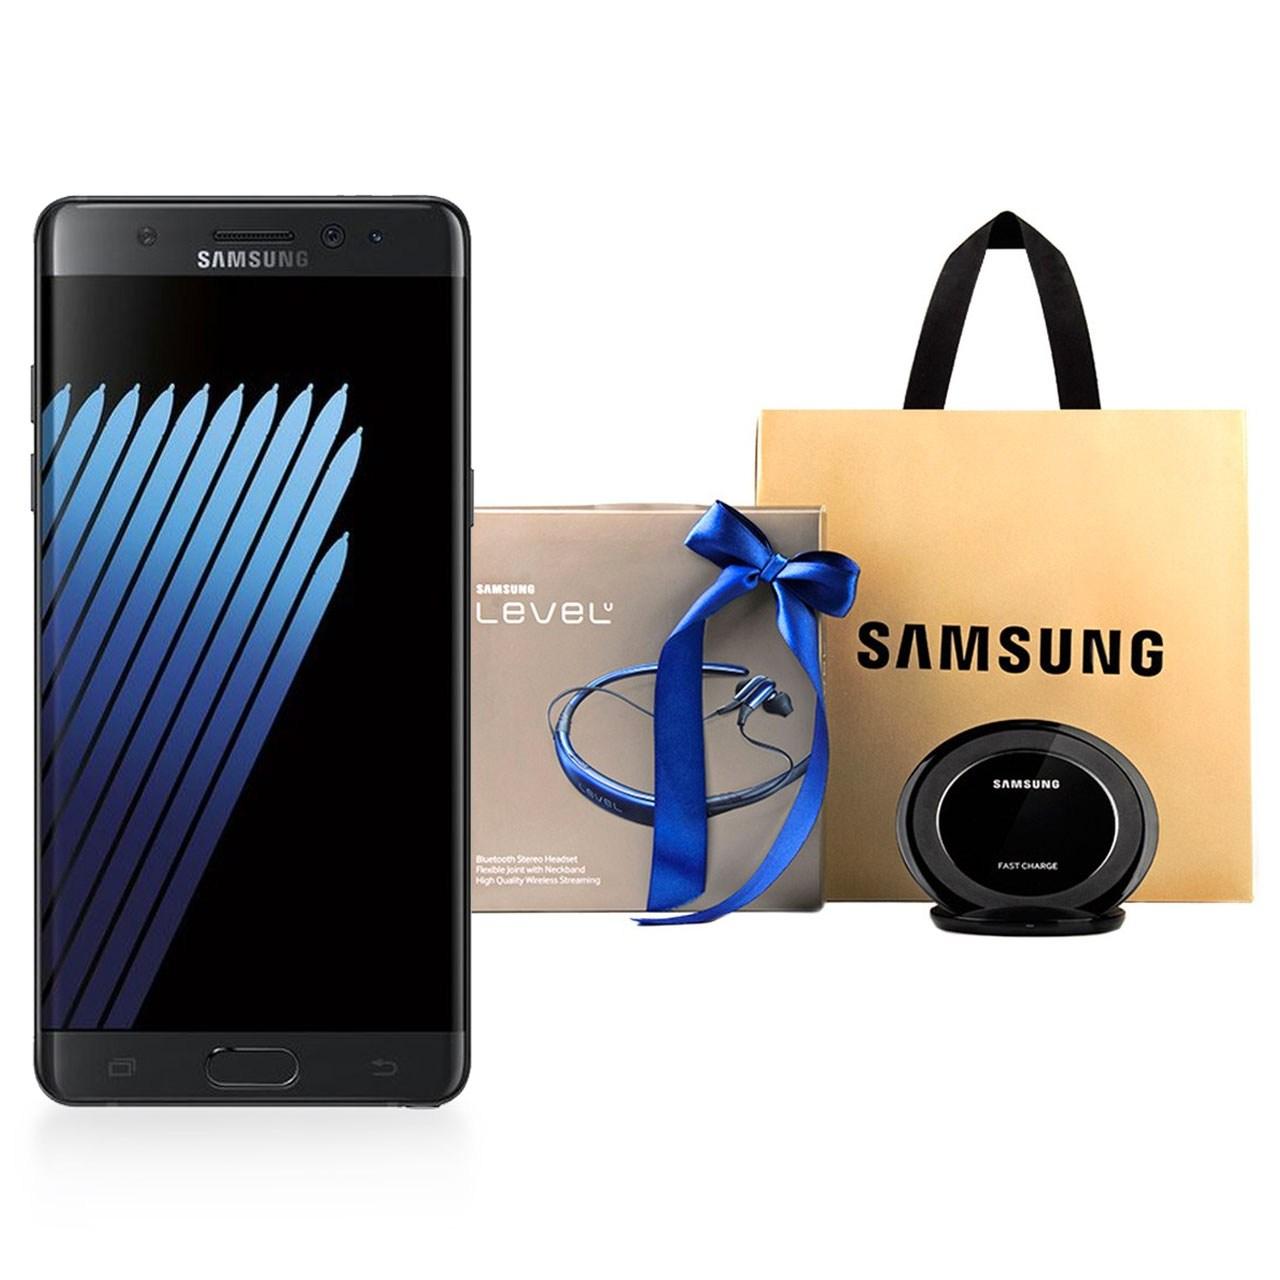 باندل گوشی موبایل سامسونگ مدل Galaxy Note 7 SM-N930F دو سیم کارت